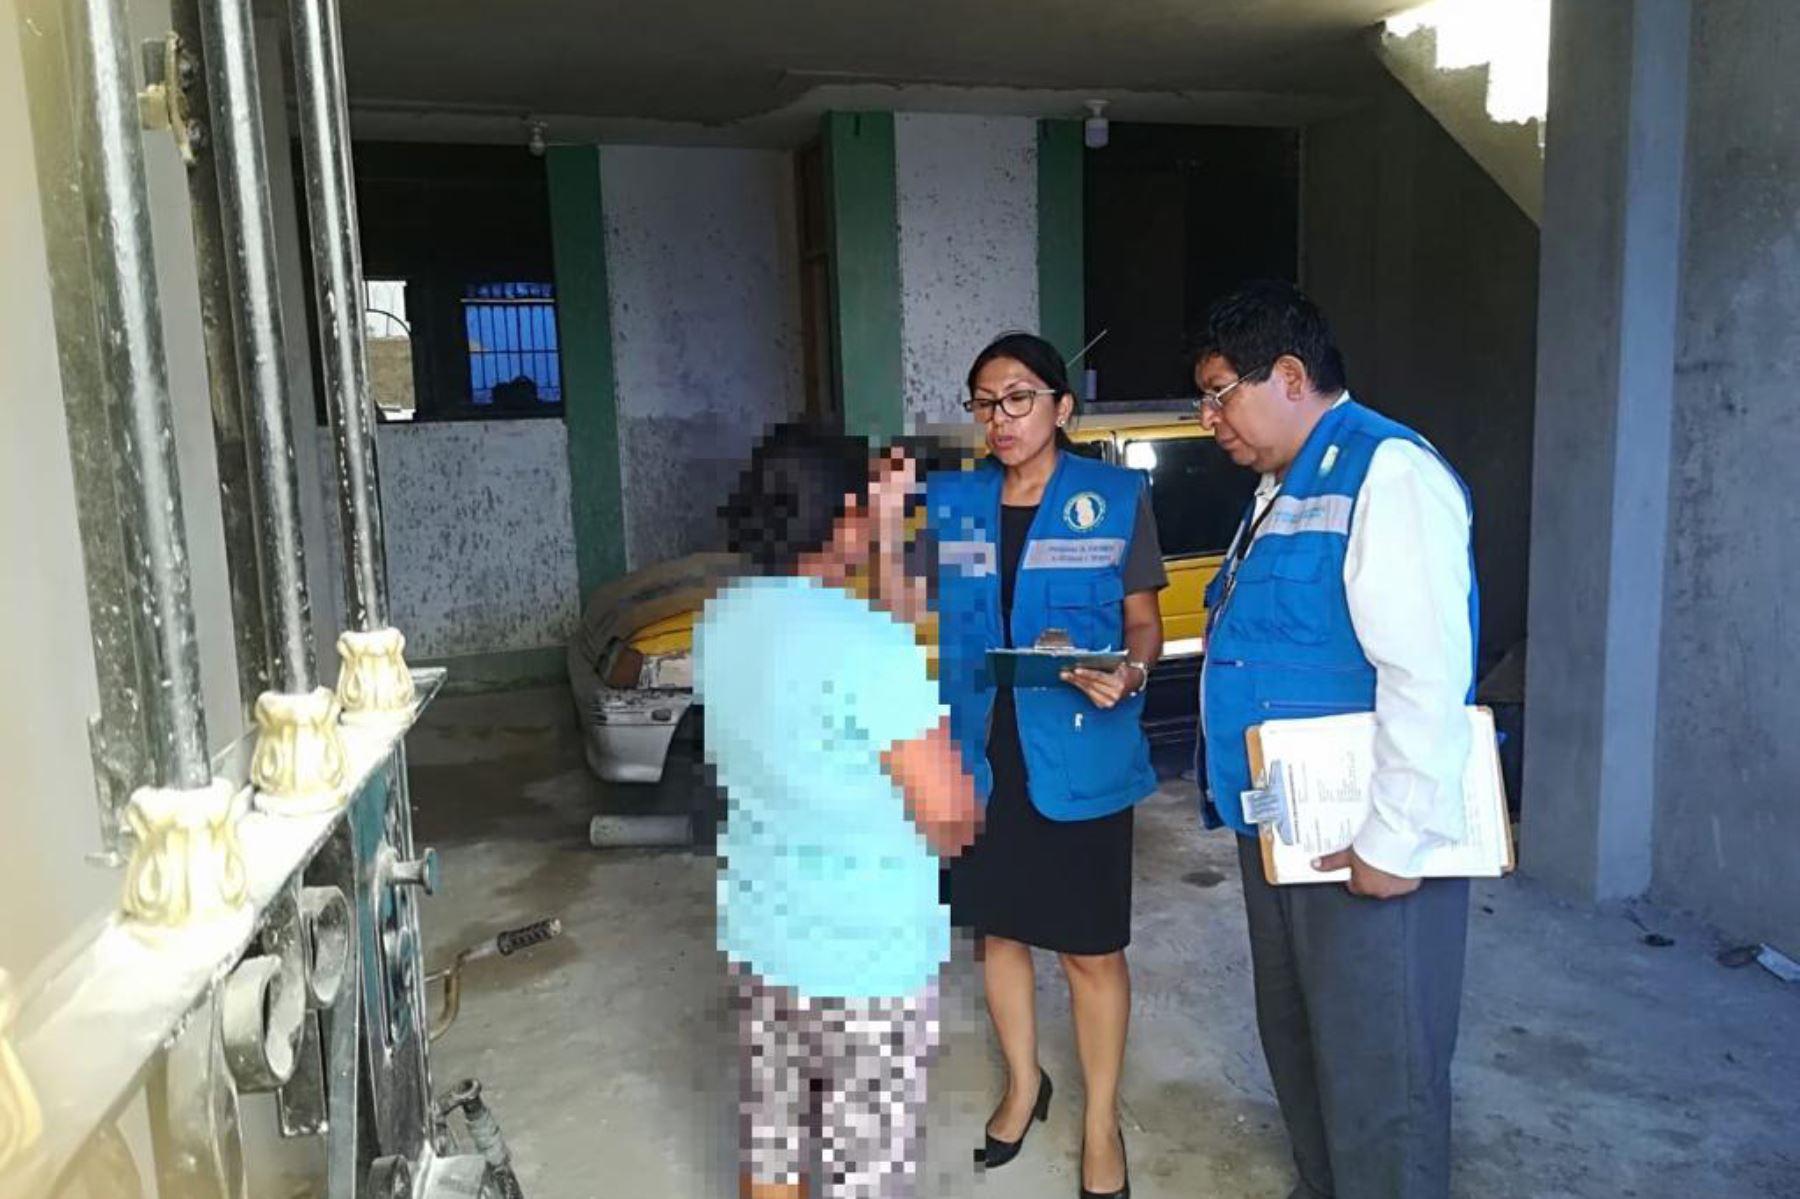 El programa de Protección de Víctimas y Testigos del Ministerio Público atiende de forma integral a las mujeres potenciales víctimas de feminicidio. DifusiónANDINA/Difusión